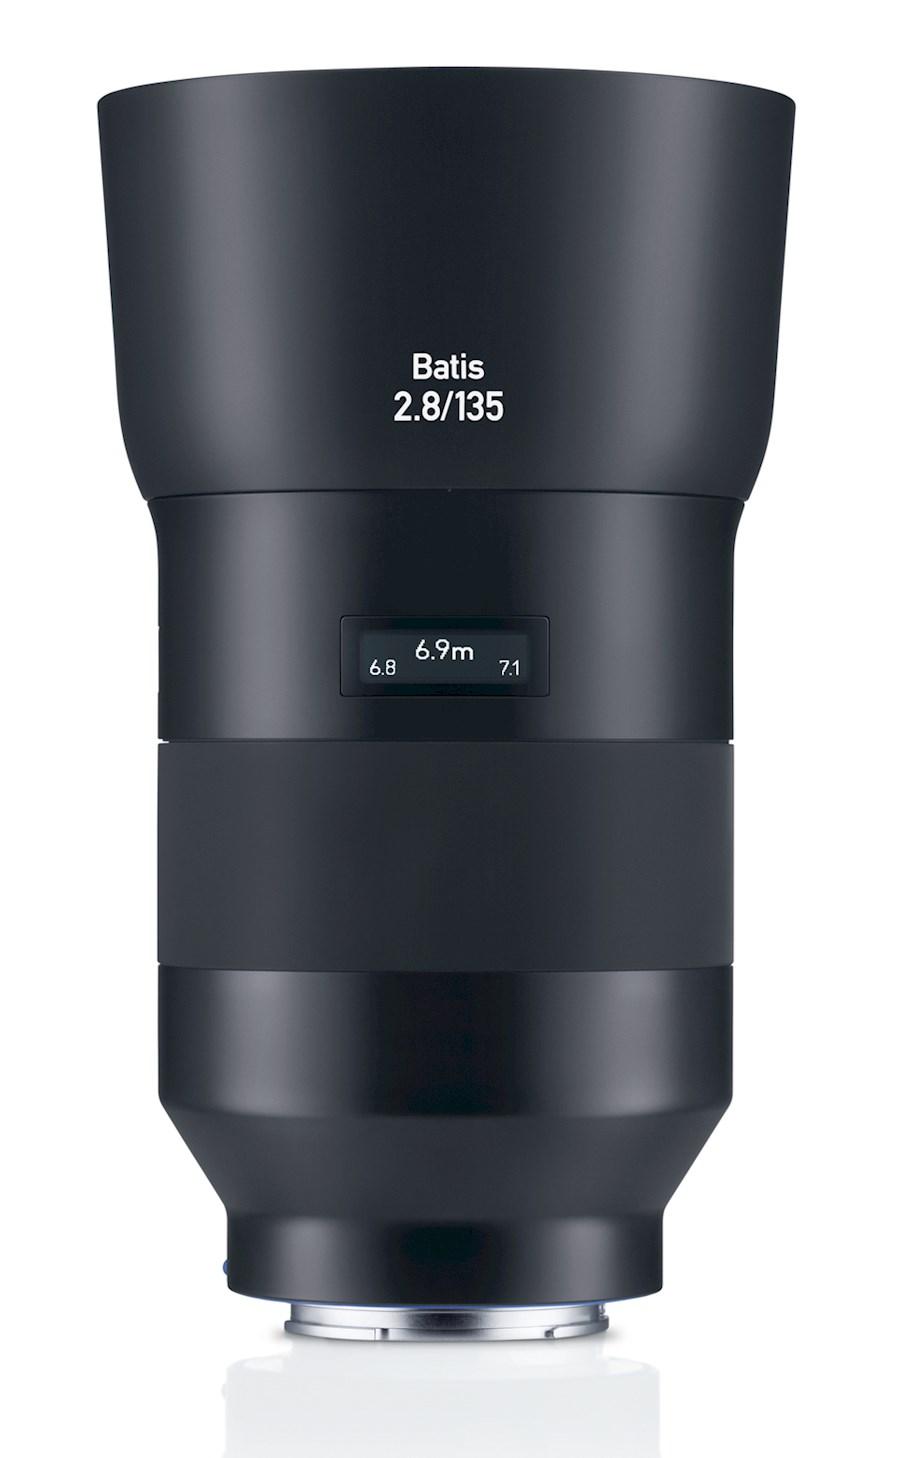 Huur een ZEISS Batis 135 mm F2.8 | Sony E-mount in Nieuw-Vennep van TRANSCONTINENTA B.V.